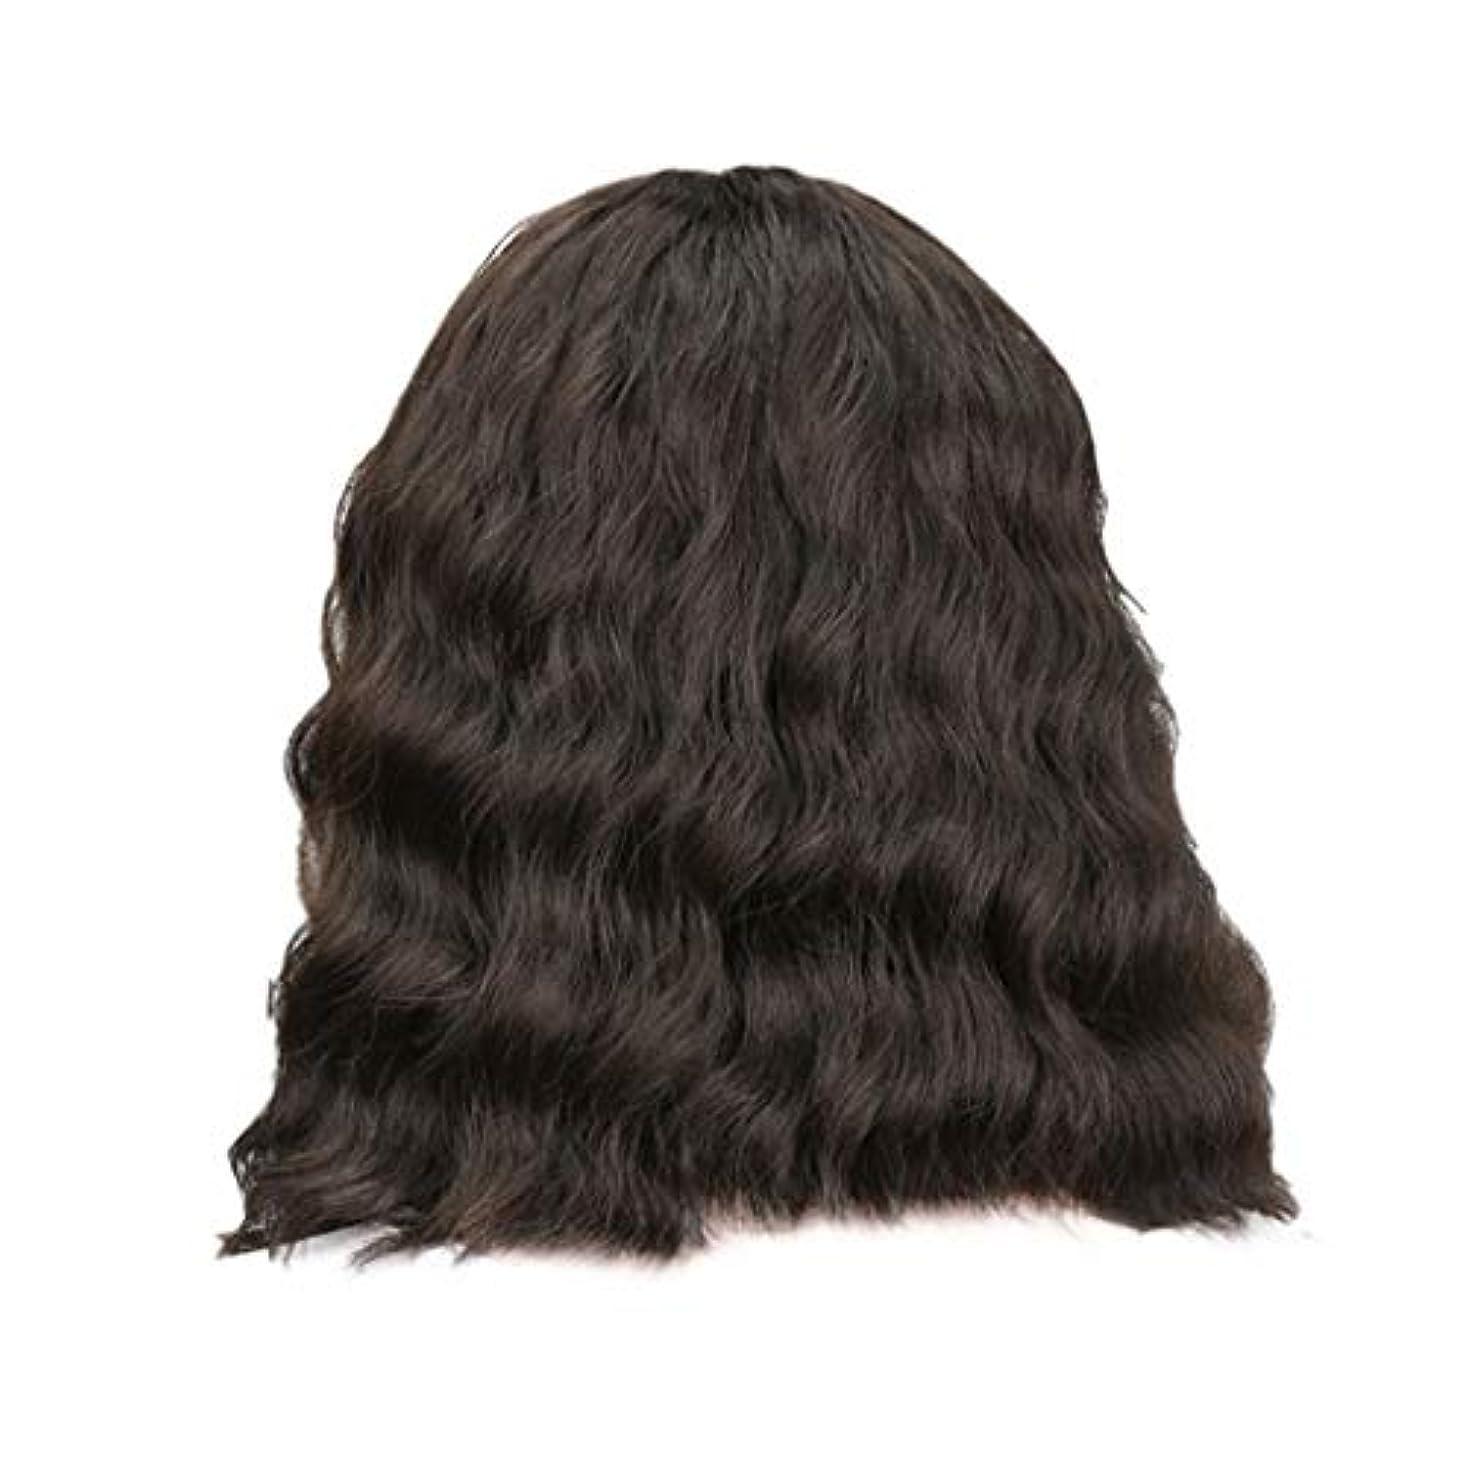 無心フェリーアルコーブ女性の黒の短い巻き毛のかつらボブ波かつらローズネット34 cm